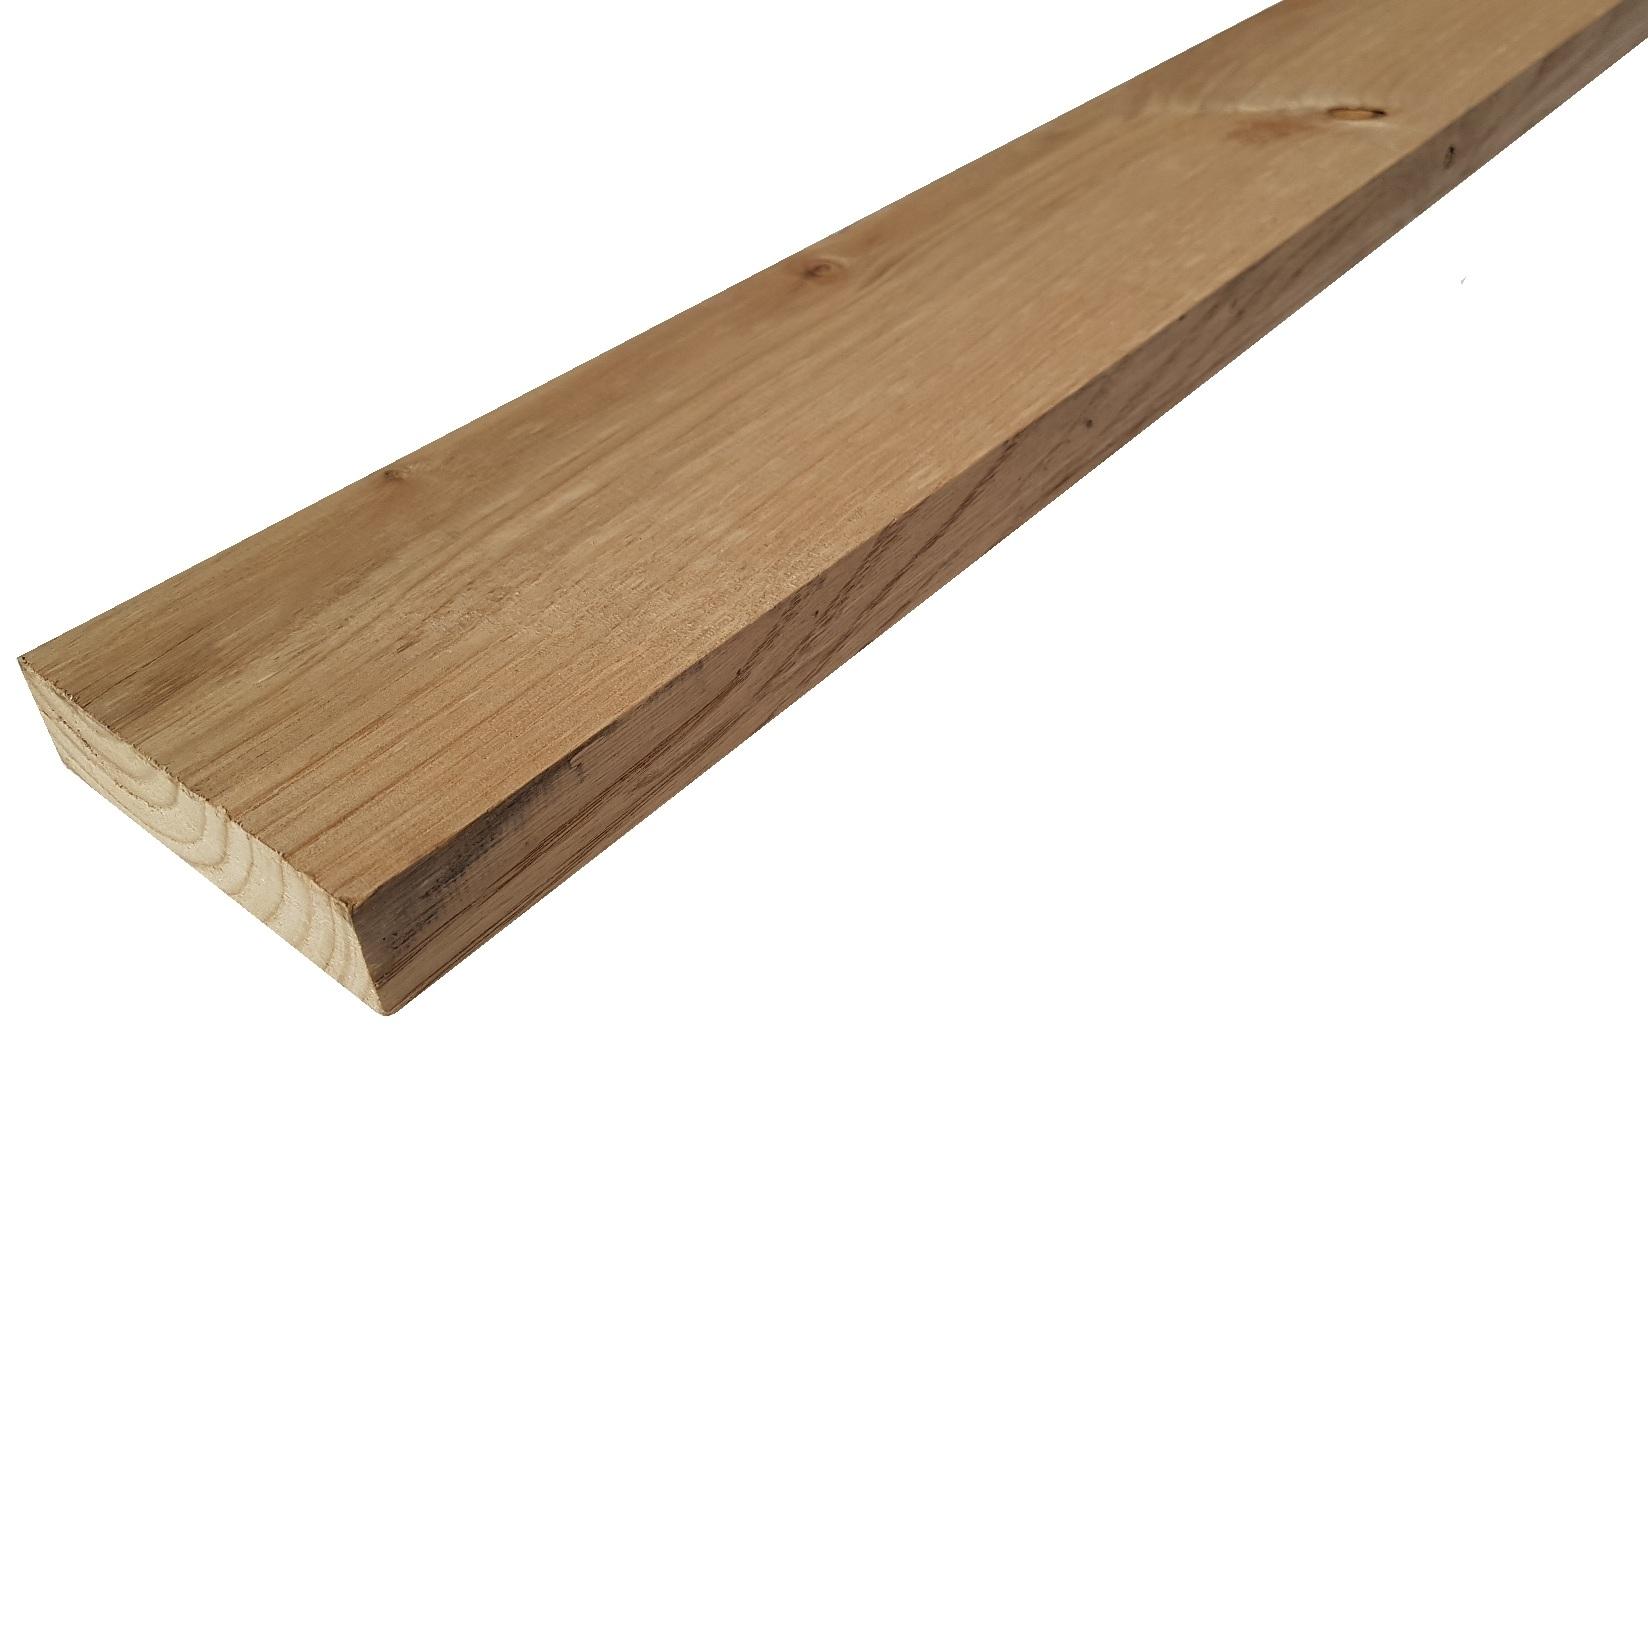 Tavole e listelli di castagno piallate listello legno di castagno piallato mm 20 x varie - Tavole legno massello piallate ...